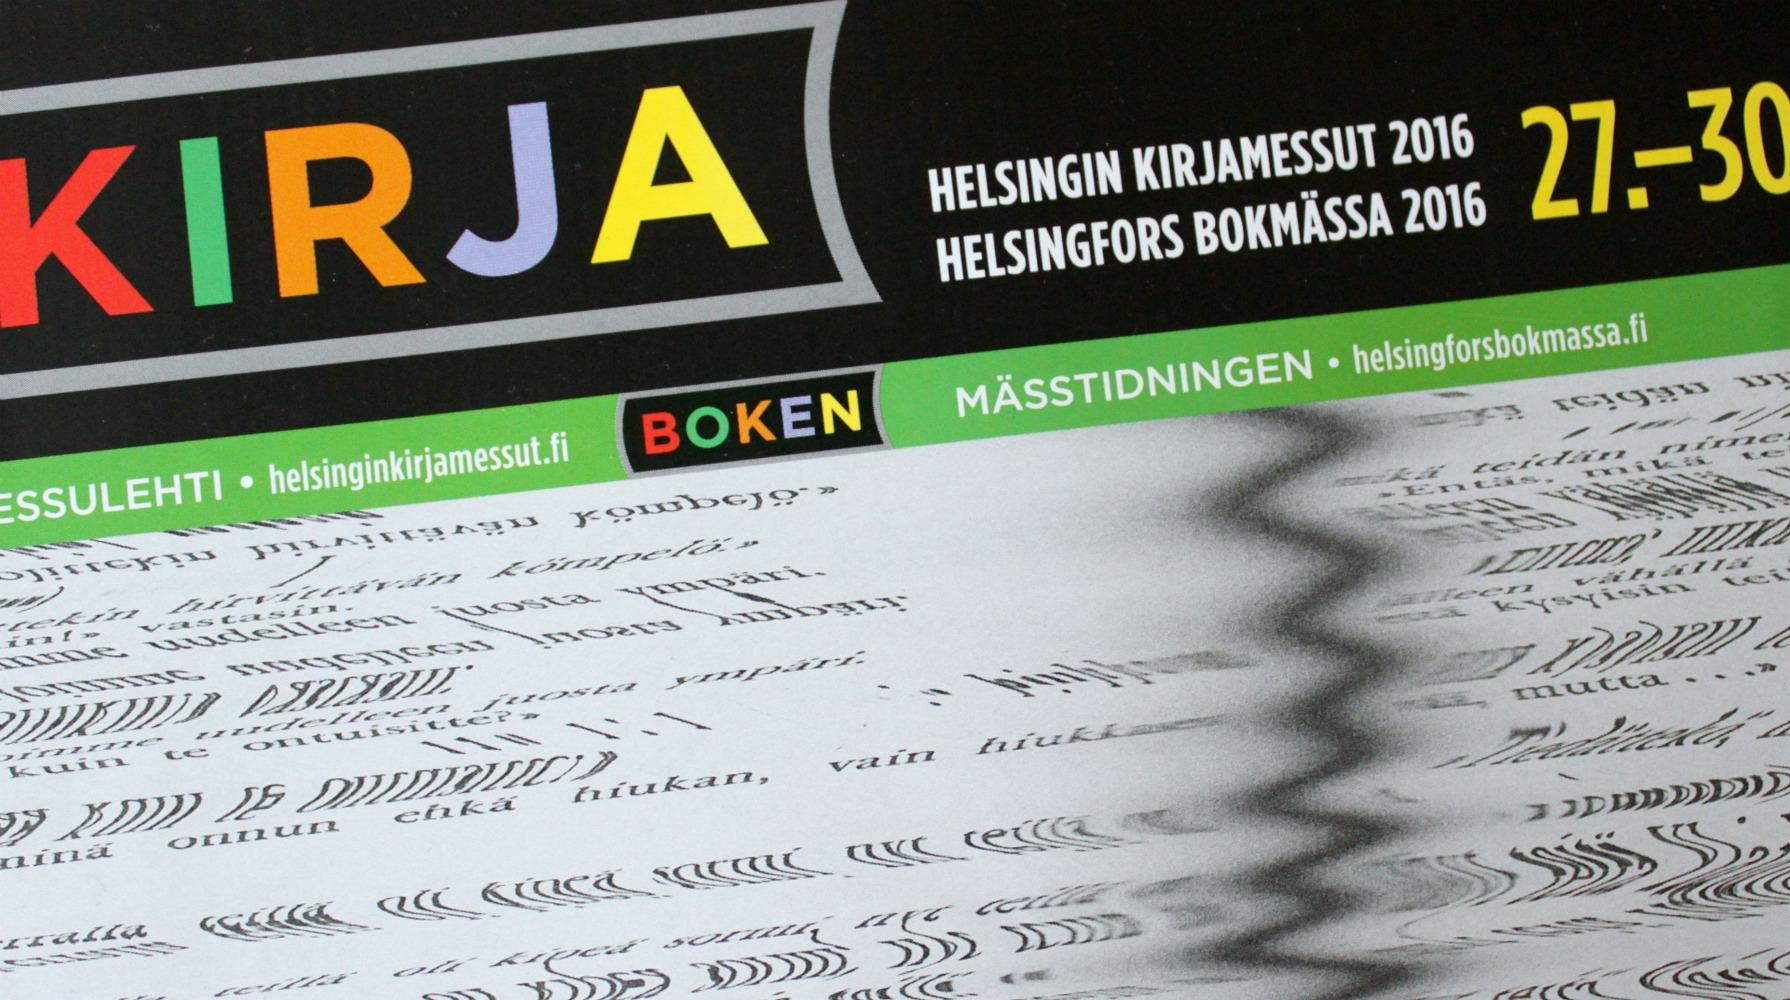 Kirjamessut Helsingissä 27.-30.10.2016